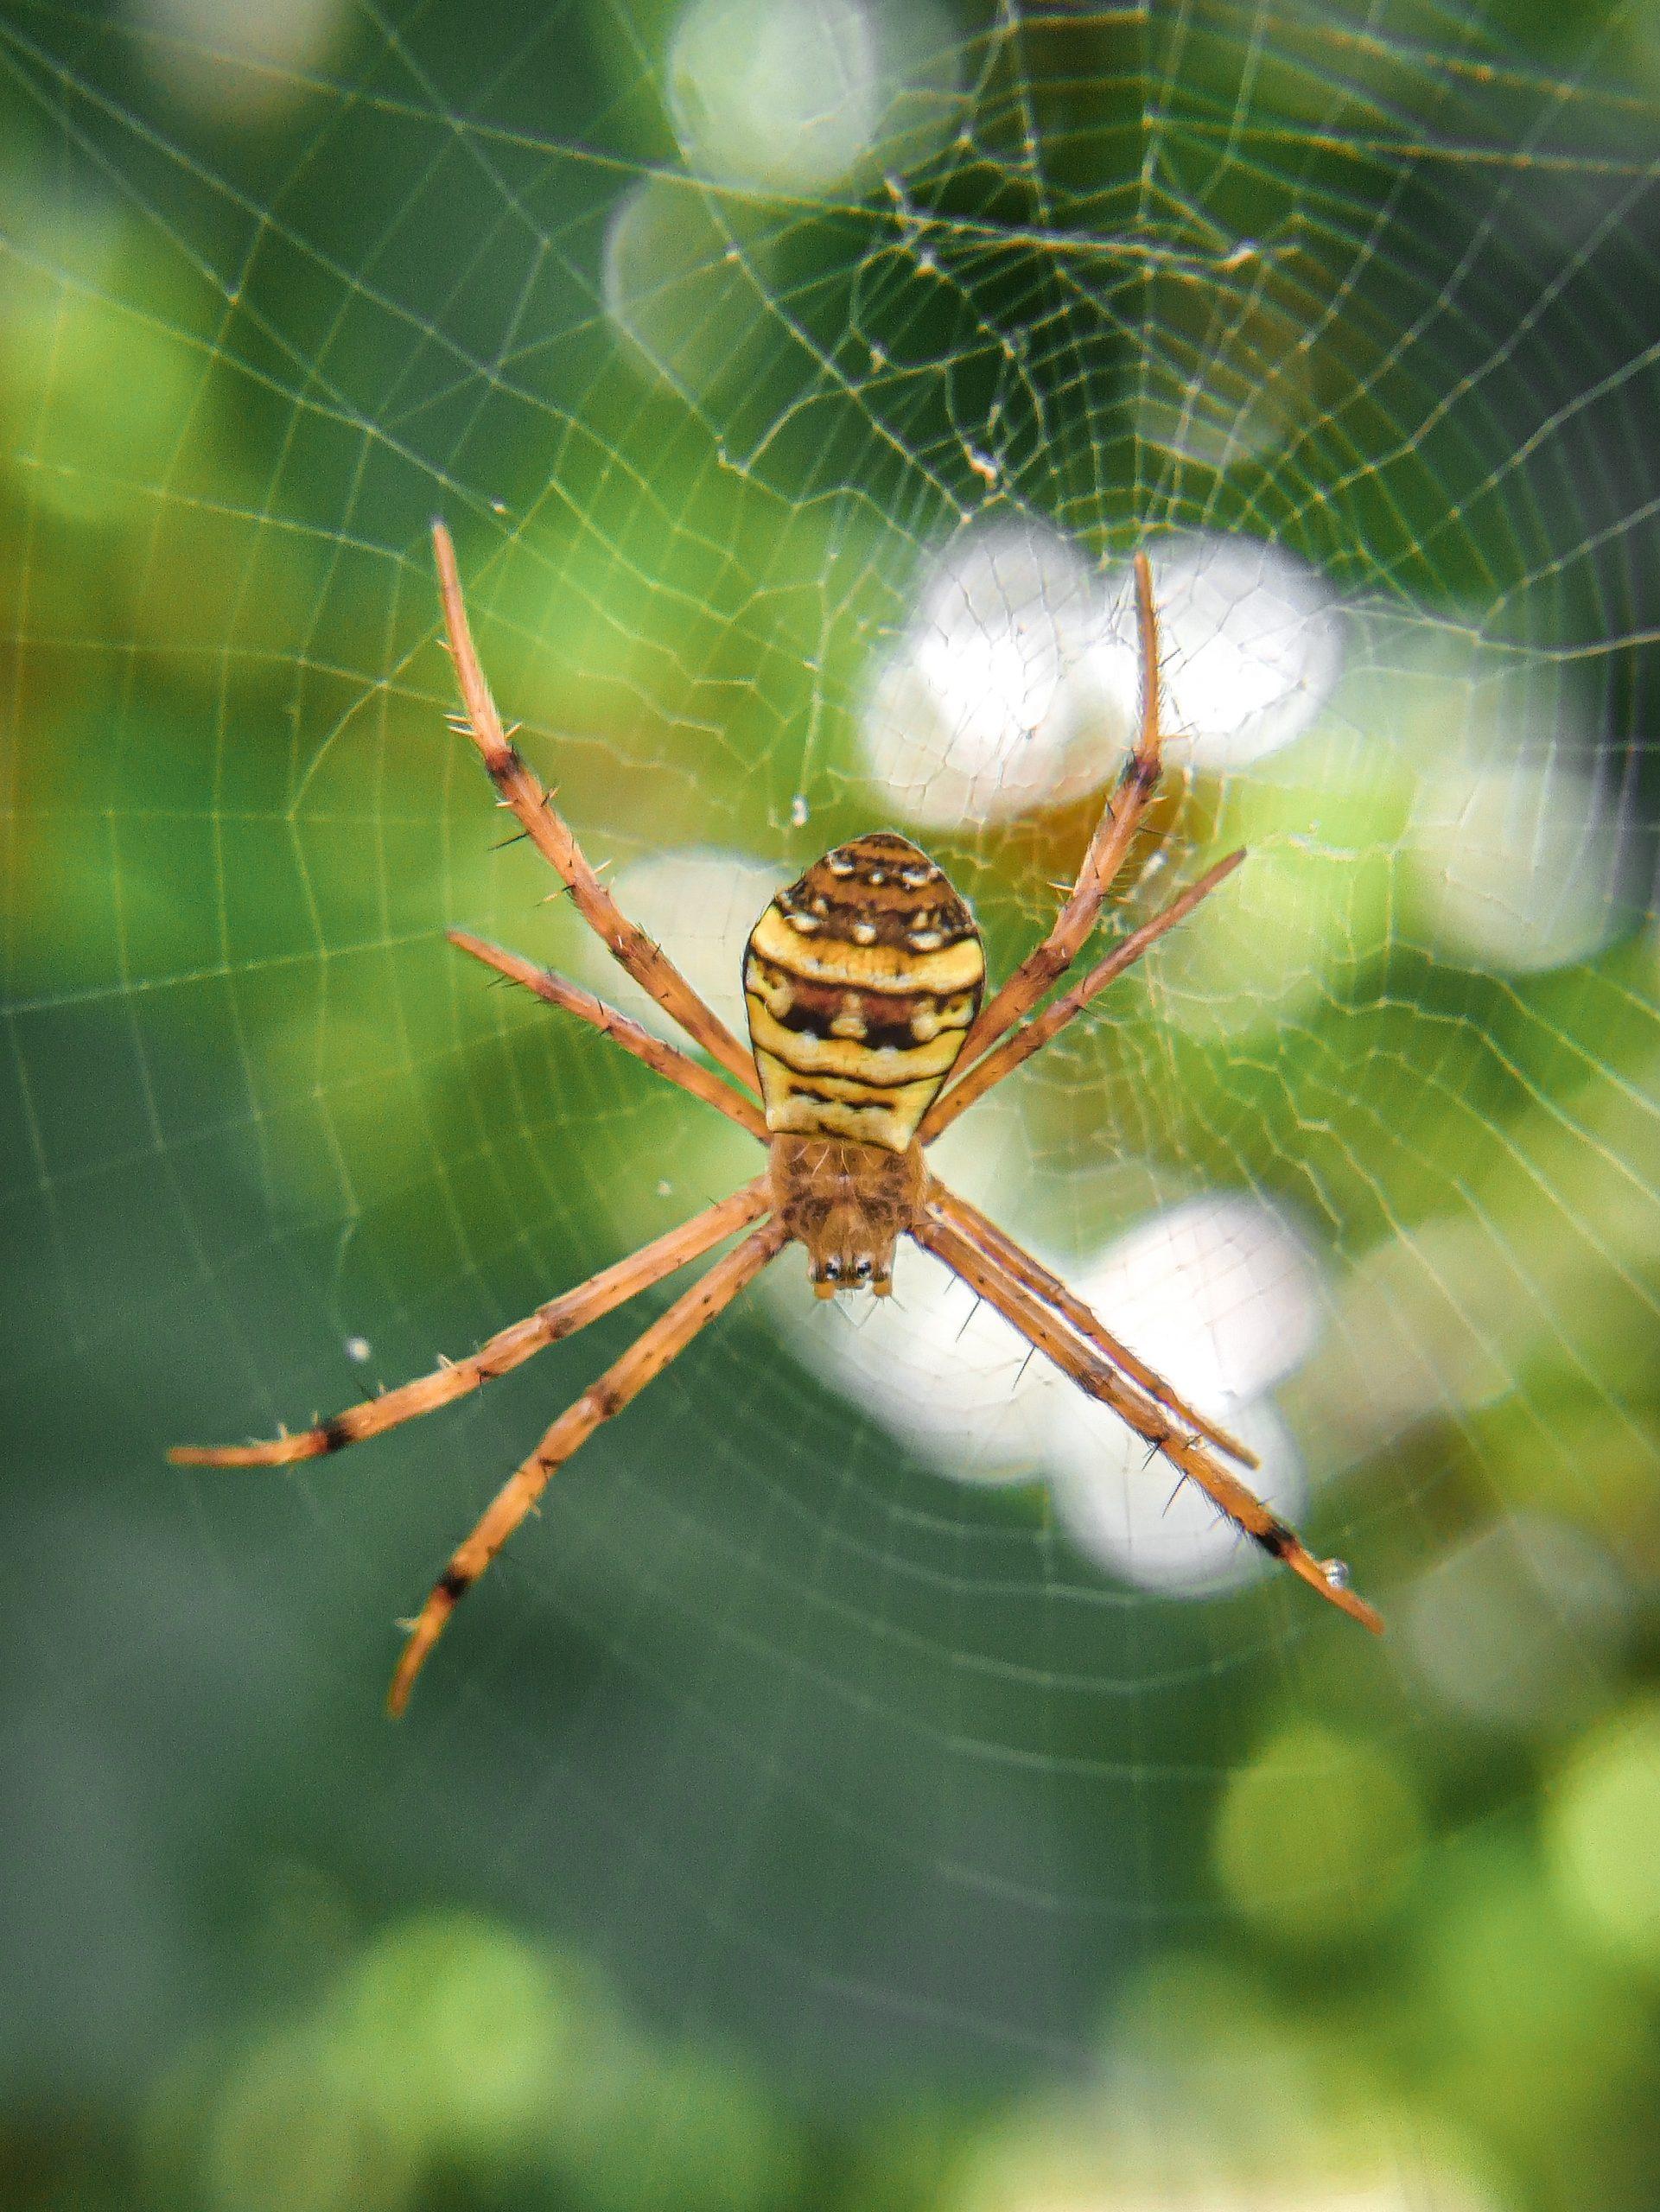 Working Spider